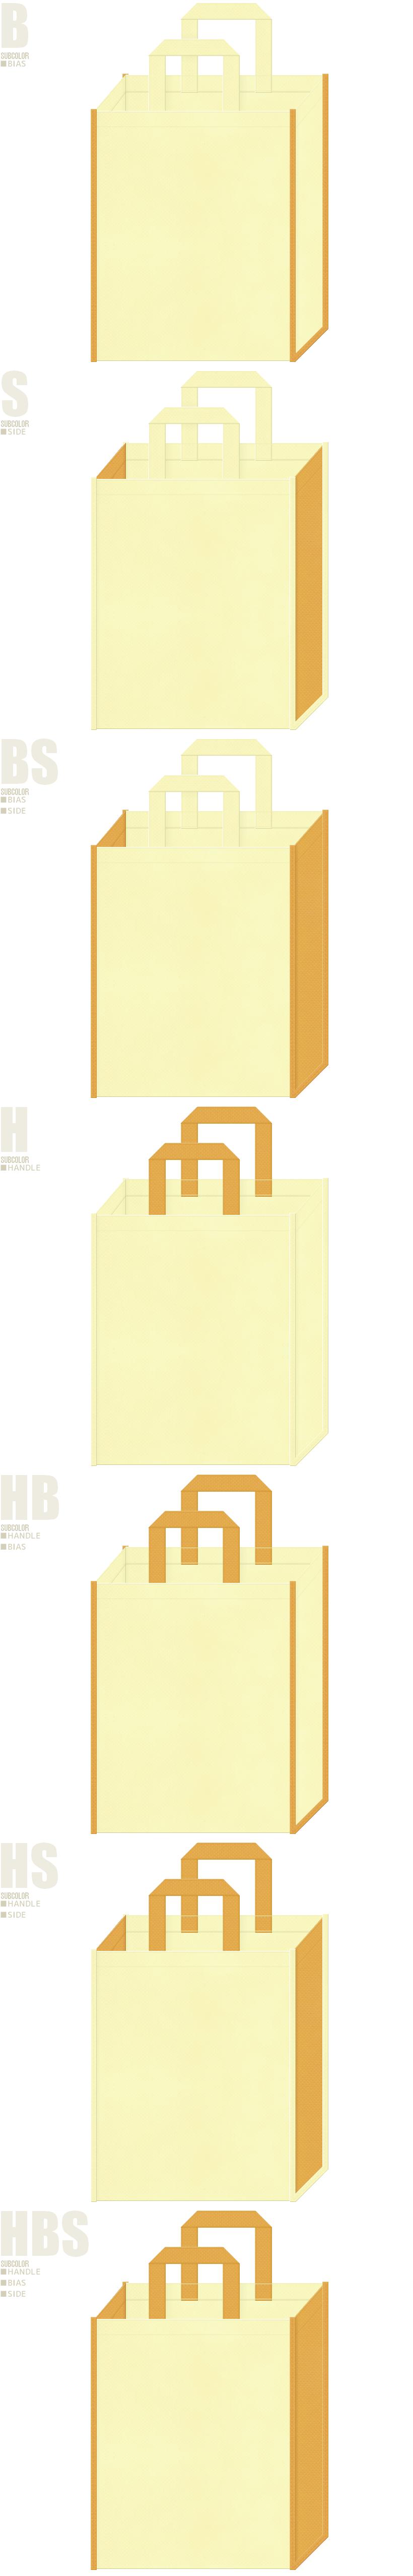 チーズタルト・チーズケーキ・お菓子の家・絵本・おとぎ話・テーマパークにお奨めの不織布バッグデザイン。薄黄色と黄土色の配色7パターン。